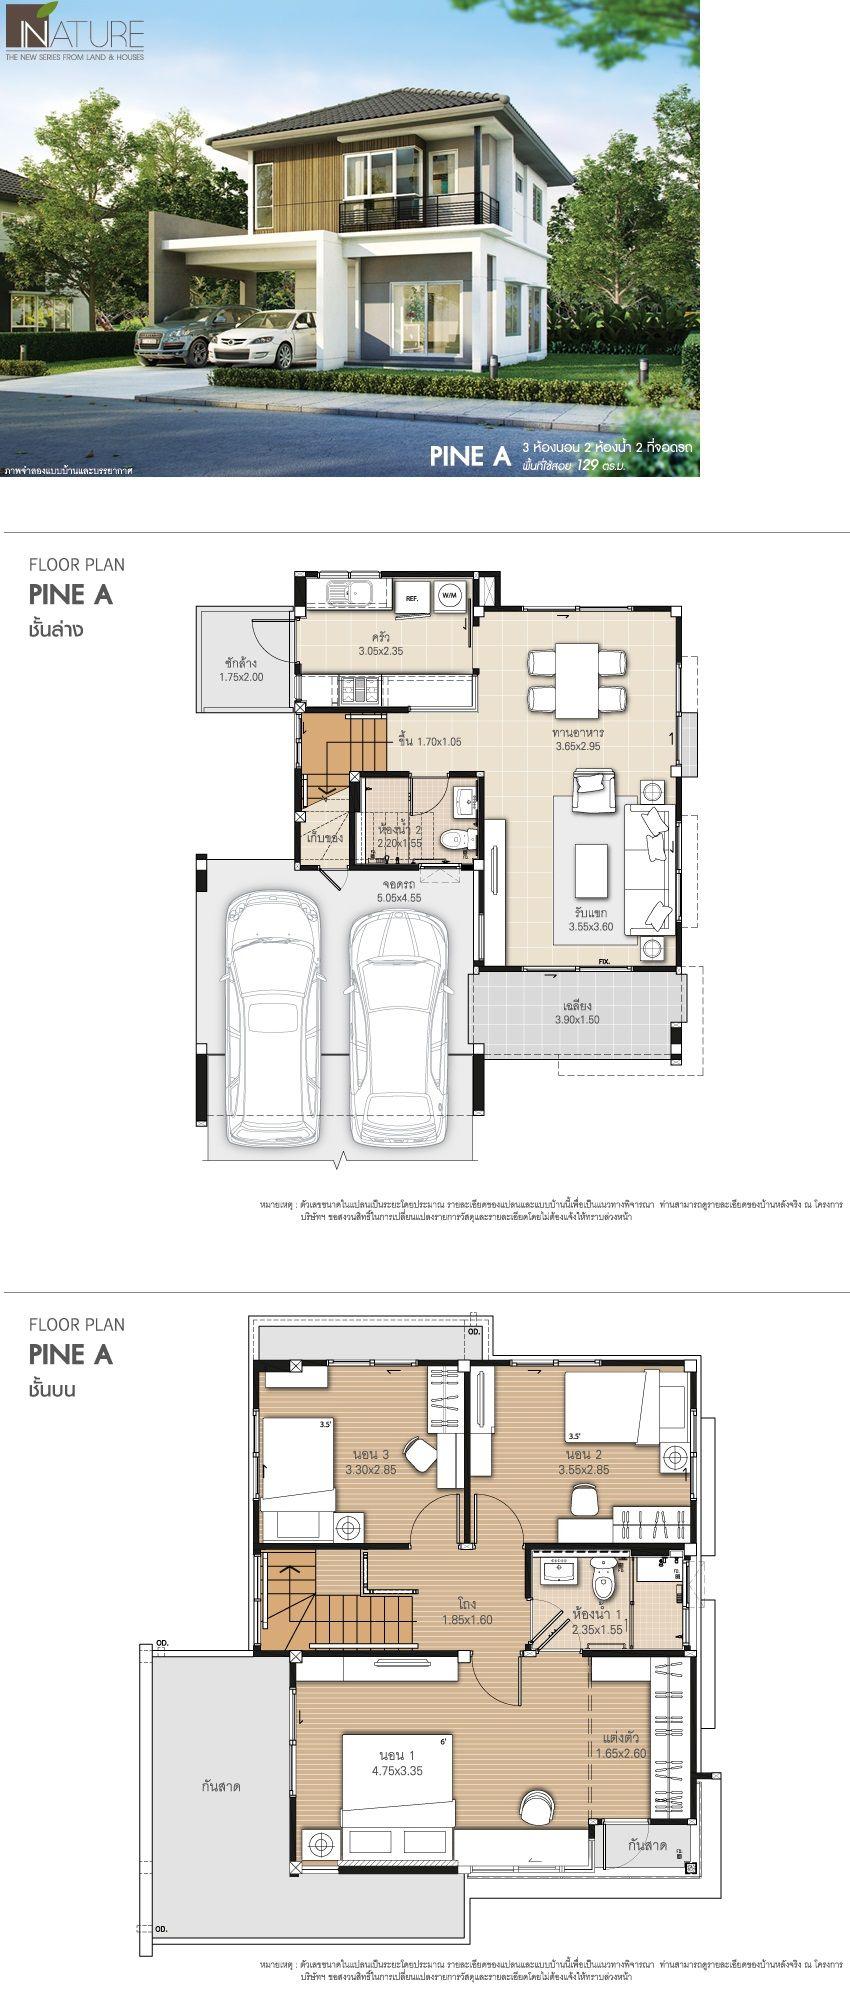 PINE A | Home - Layout | Pinterest | Moderne häuser, Hausbau und ...